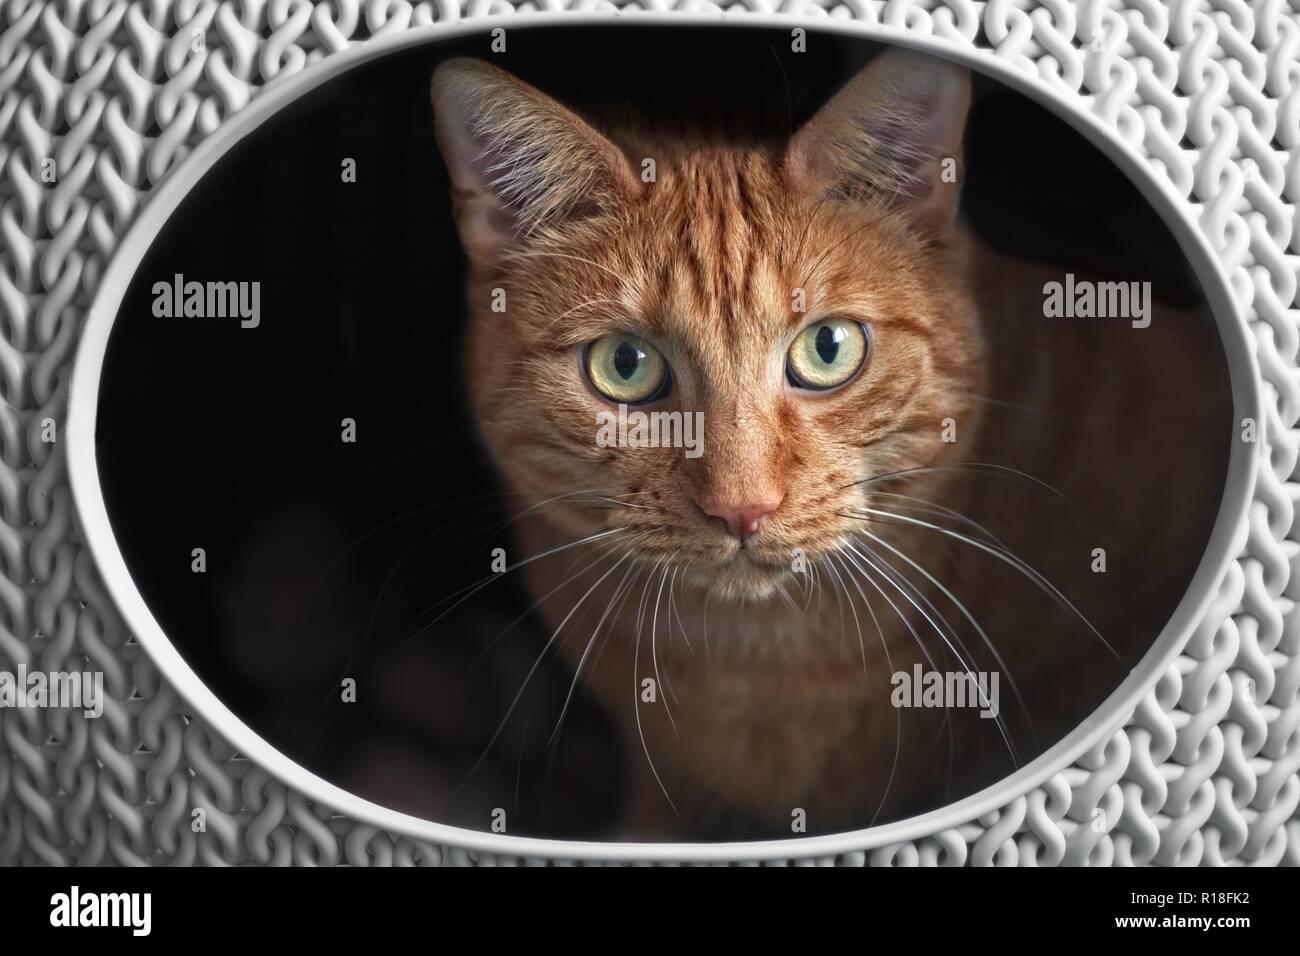 Ingwer süße Katze in einem katzenkorb schauen neugierig in die Kamera.. Stockbild